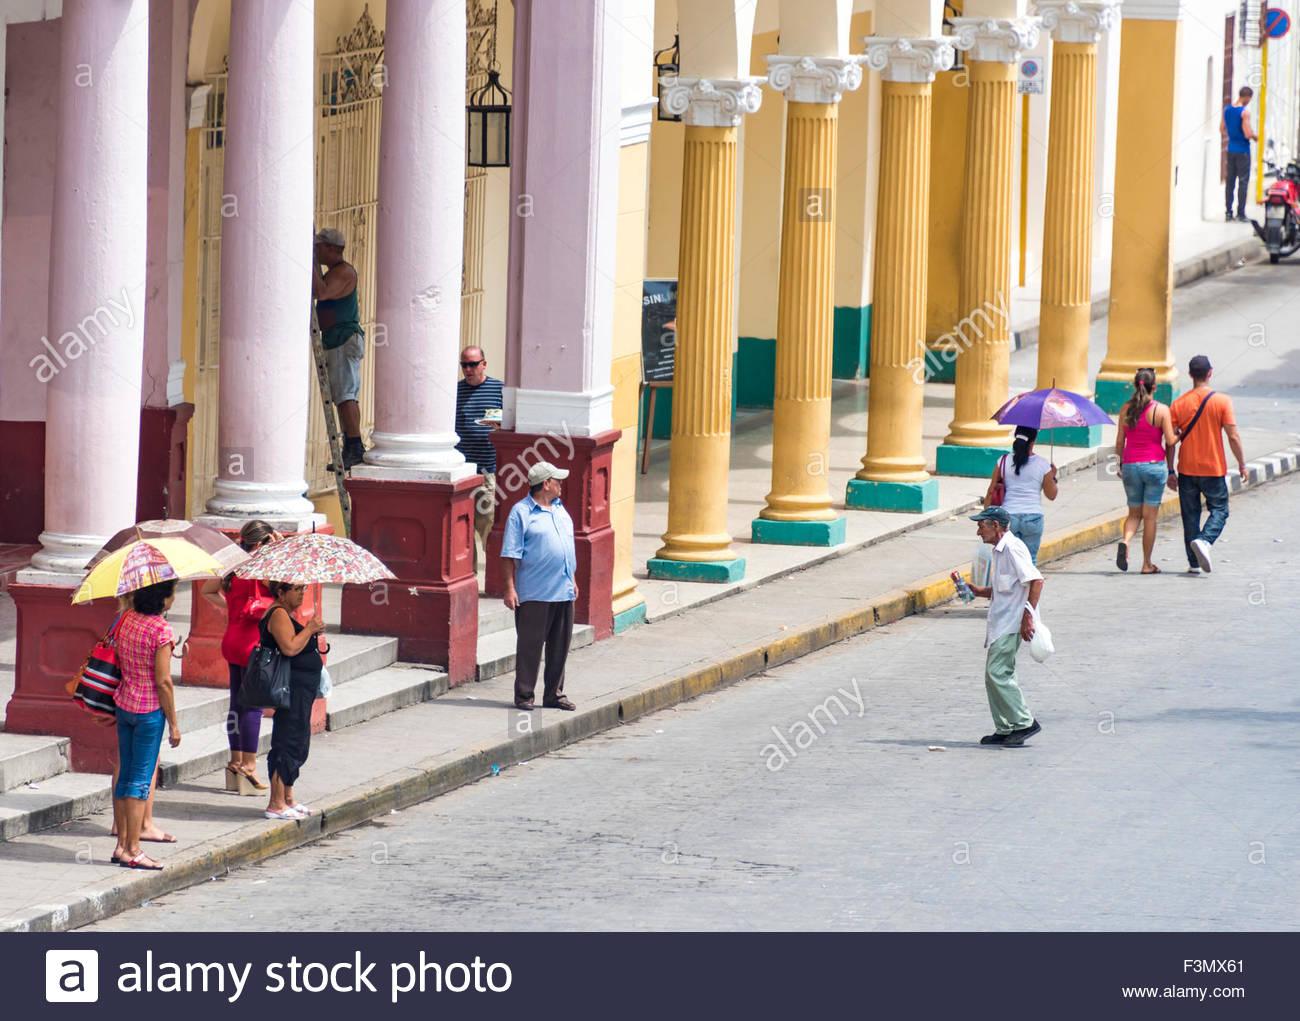 L'architecture coloniale espagnole et la vie quotidienne à Cuba: piliers de ronde géant un vieux Photo Stock